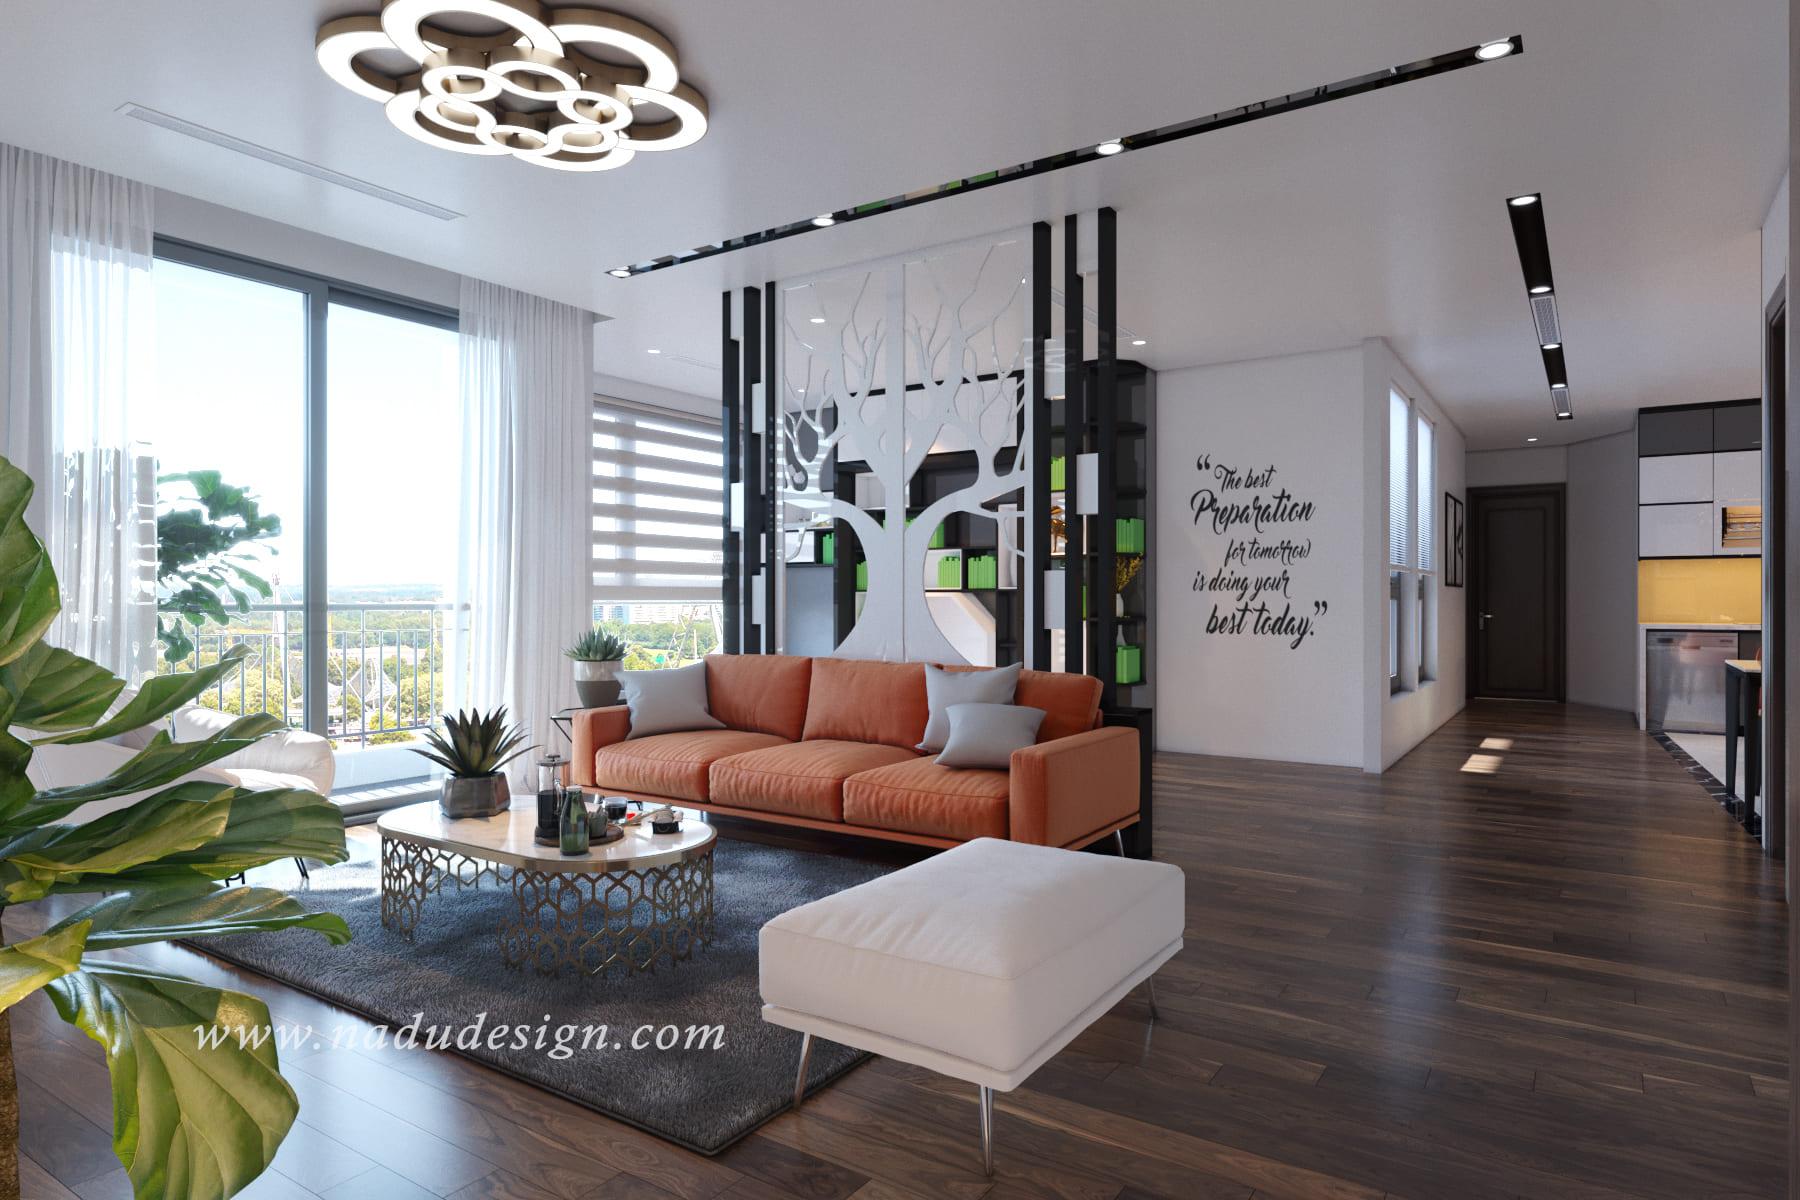 Thiết kế nội thất căn hộ Vinhomes Green Bay nổi bật với bộ sofa cam ấm nóng